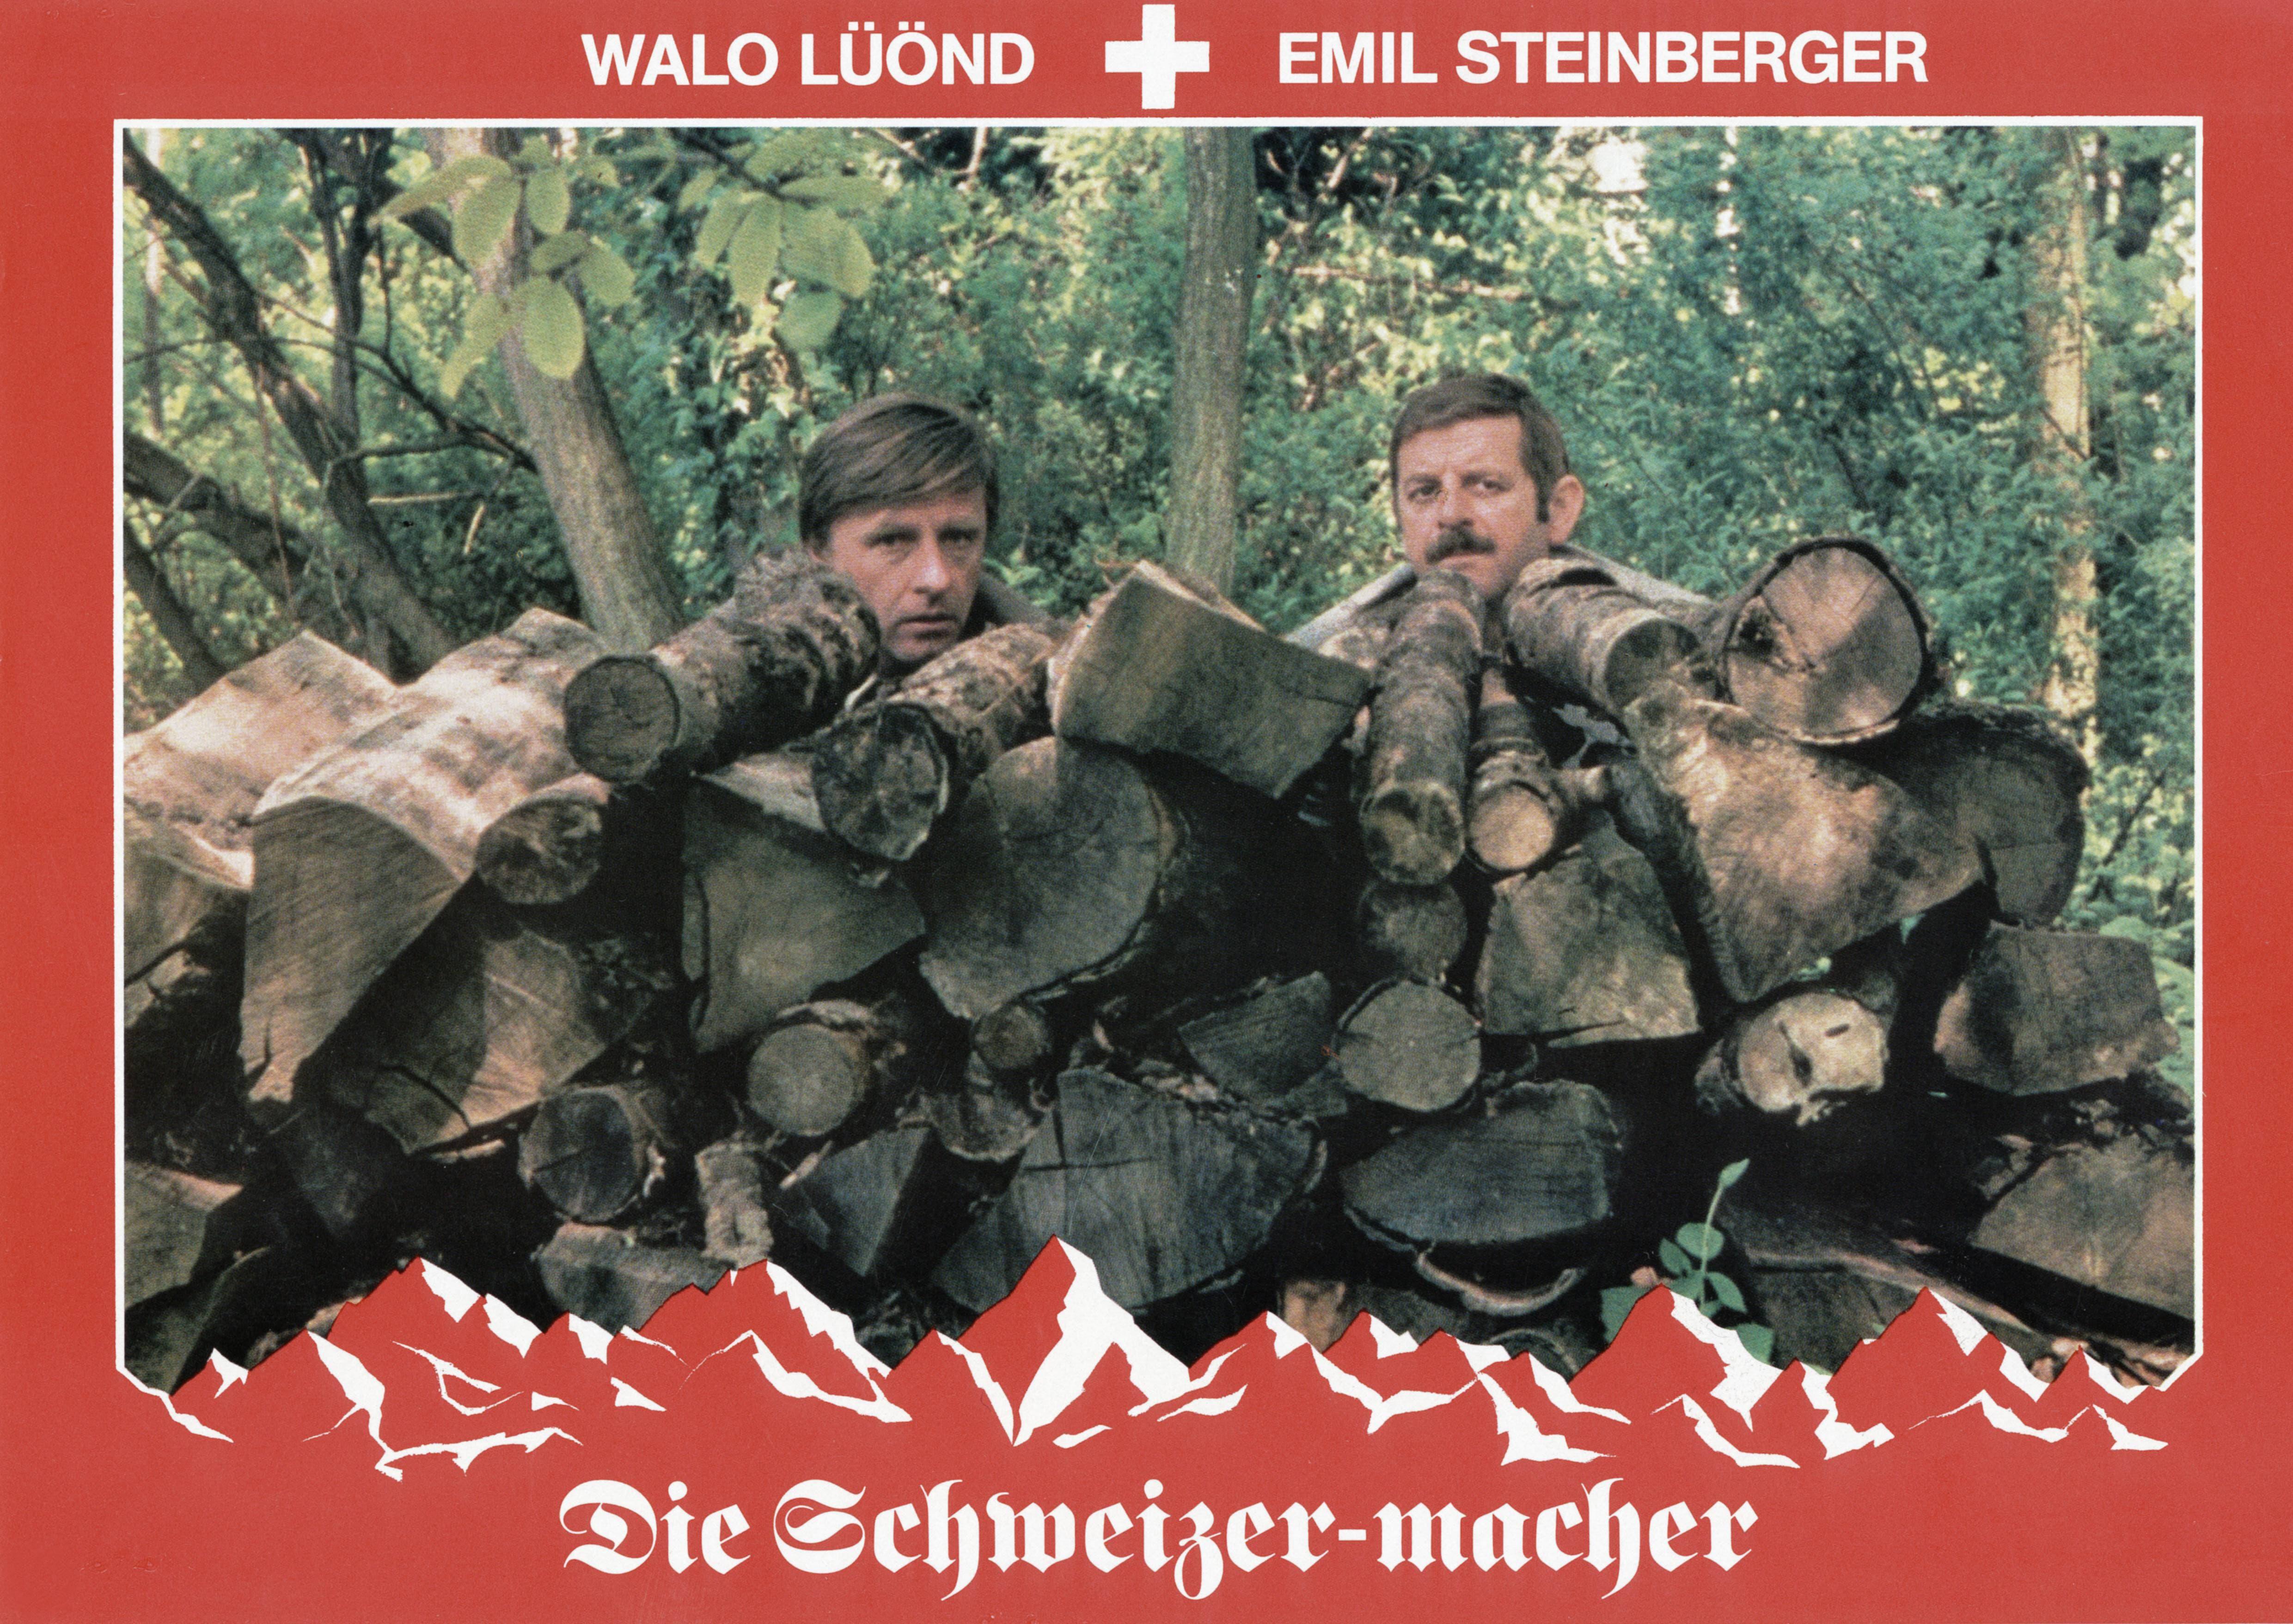 Emil Steinberger (links) als Einbürgerungsbeamter an der Seite von Walo Lüönd im Kultfilm «Die Schweizermacher» (1978) von Rolf Lyssy.